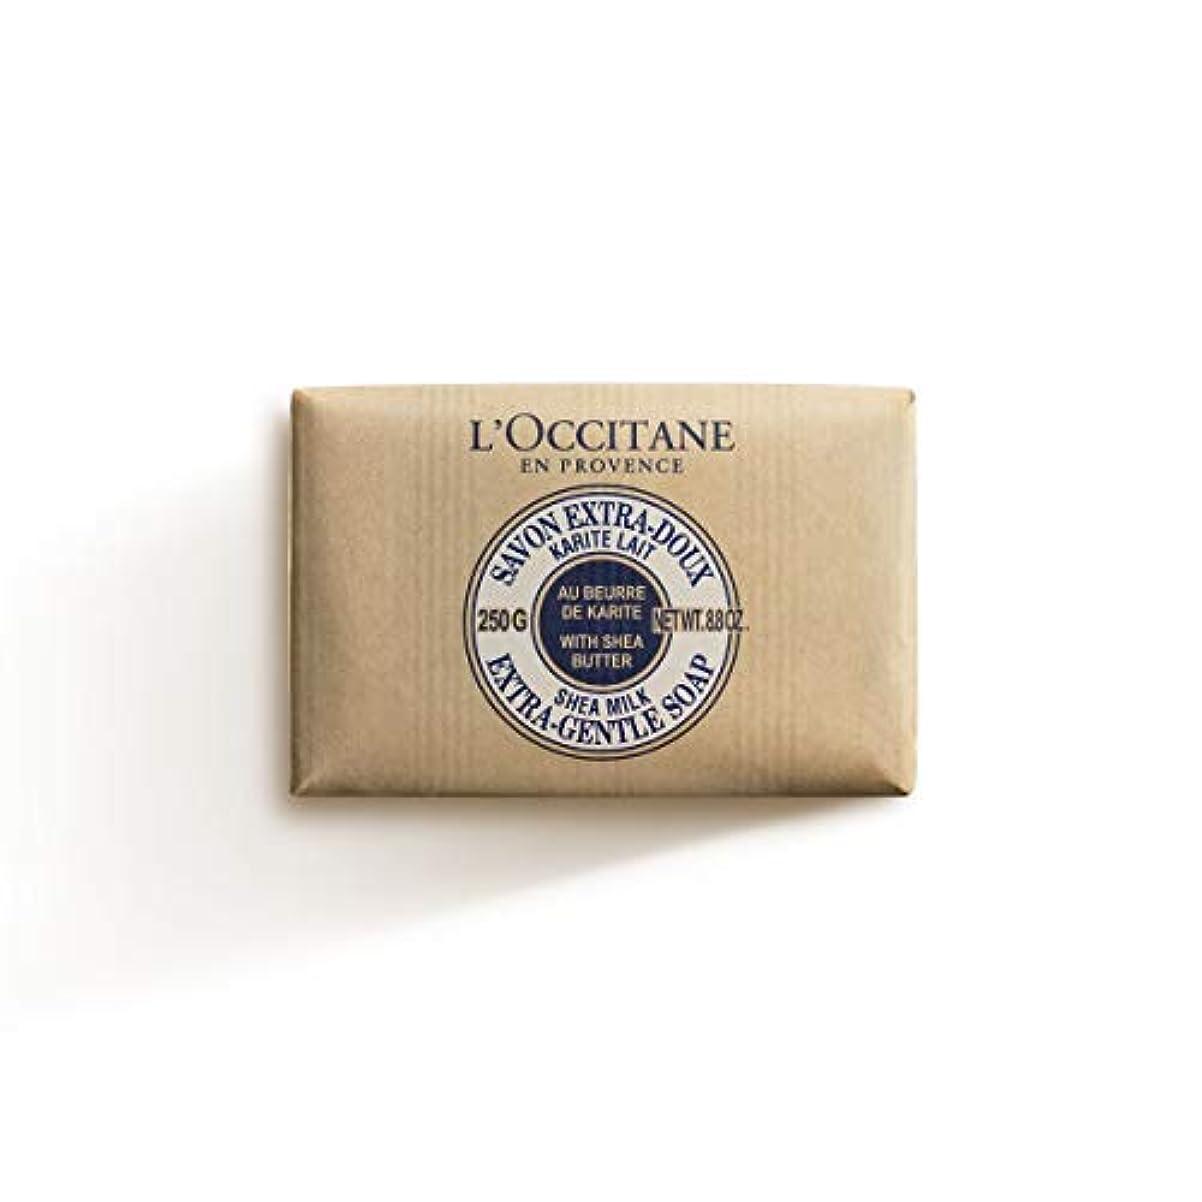 ラジウム発表する一目ロクシタン(L'OCCITANE) シアバターソープ 250g ミルク